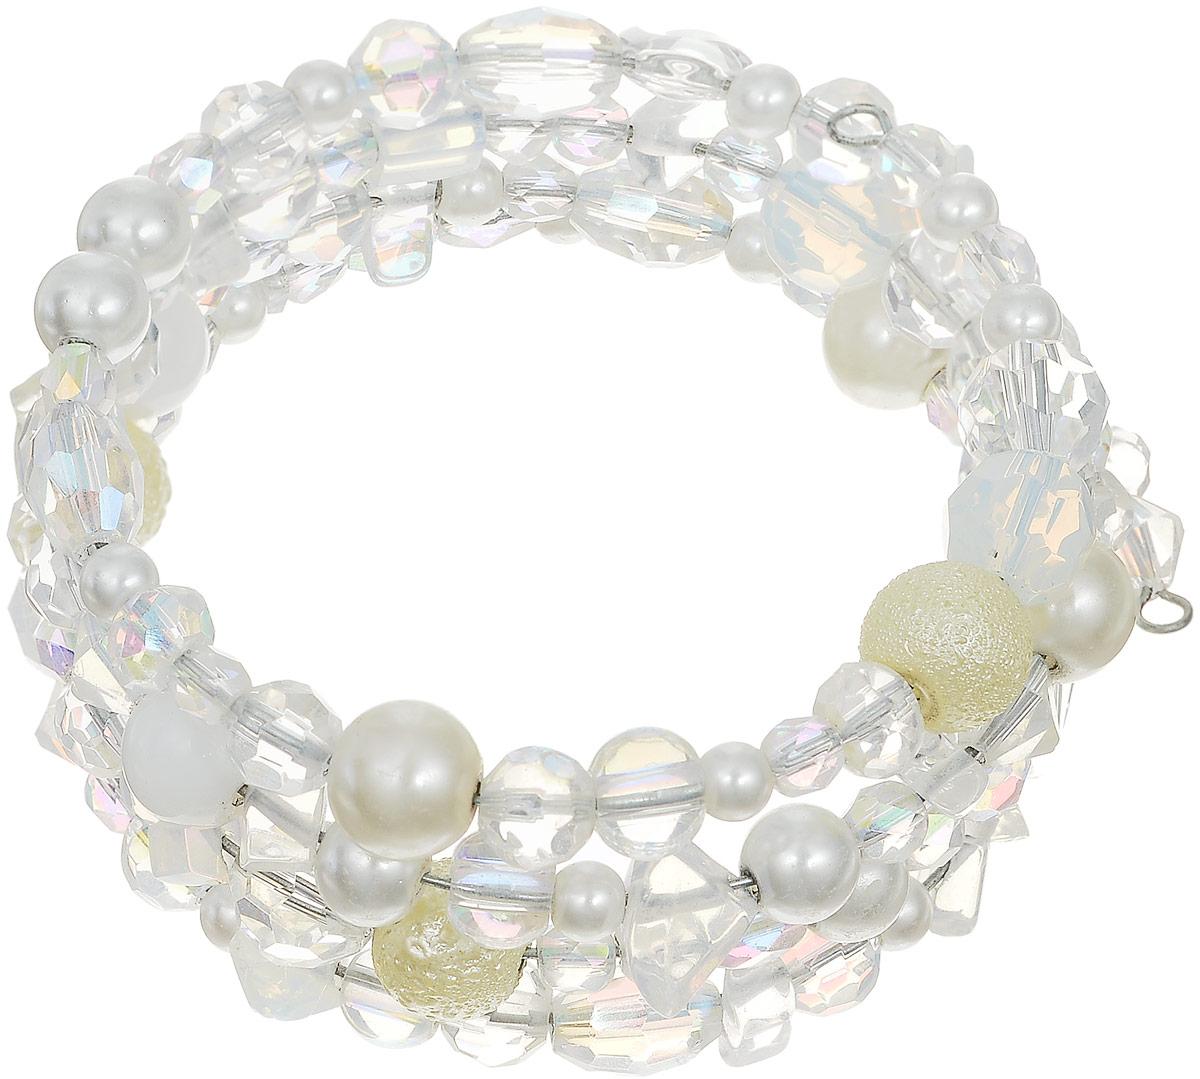 Браслет женский Art-Silver, цвет: белый. ТБ36-230ТБ36-230Эффектный женский браслет Art-Silver изготовлен из бижутерного сплава и кристаллов. Изделие на металлическом каркасе, дополнено бусинами различного диаметра.